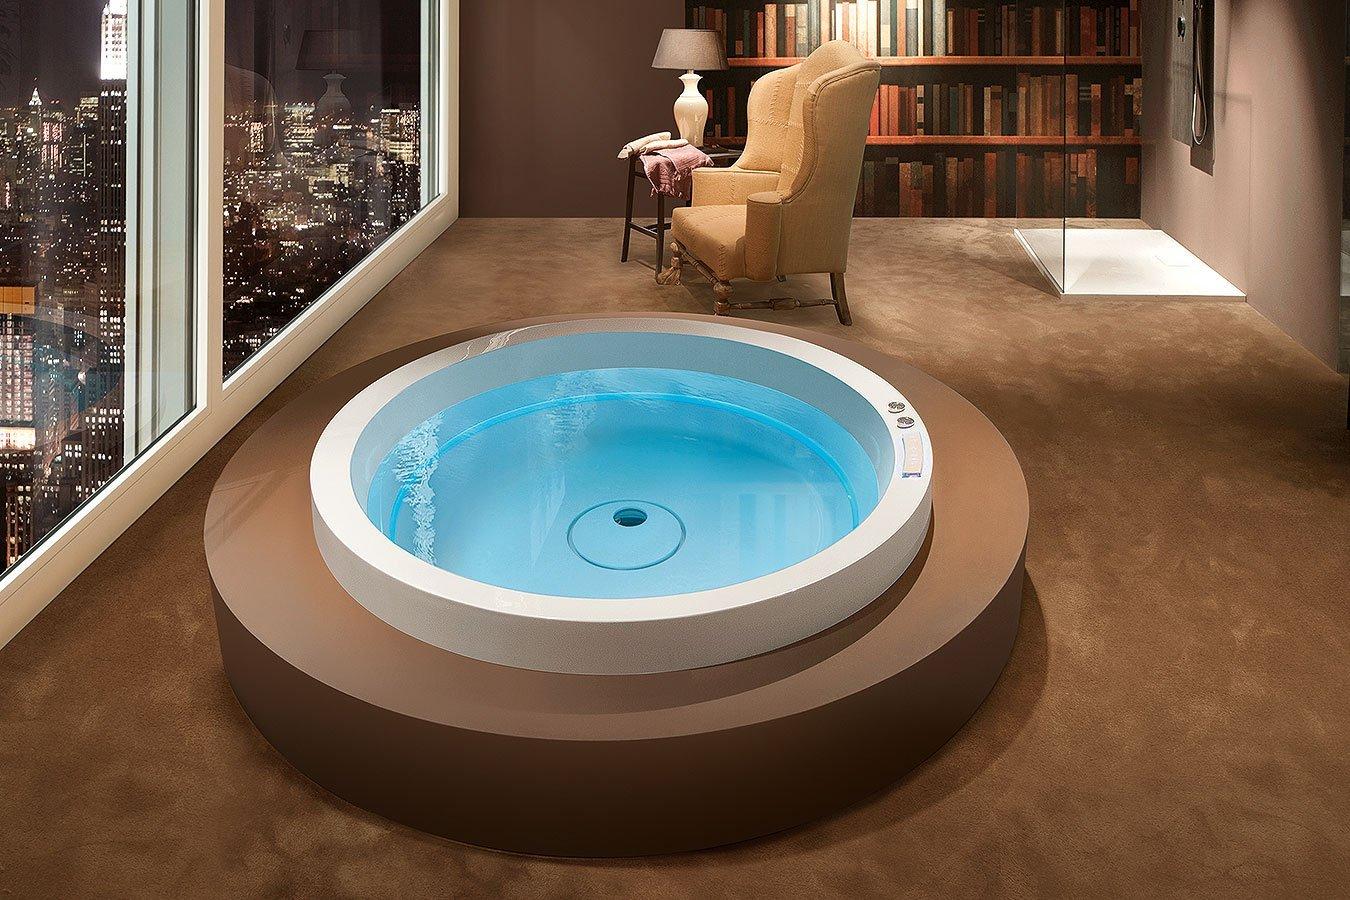 Bagno home wellness per una spa domestica cose di casa for Progetti di costruzione domestica